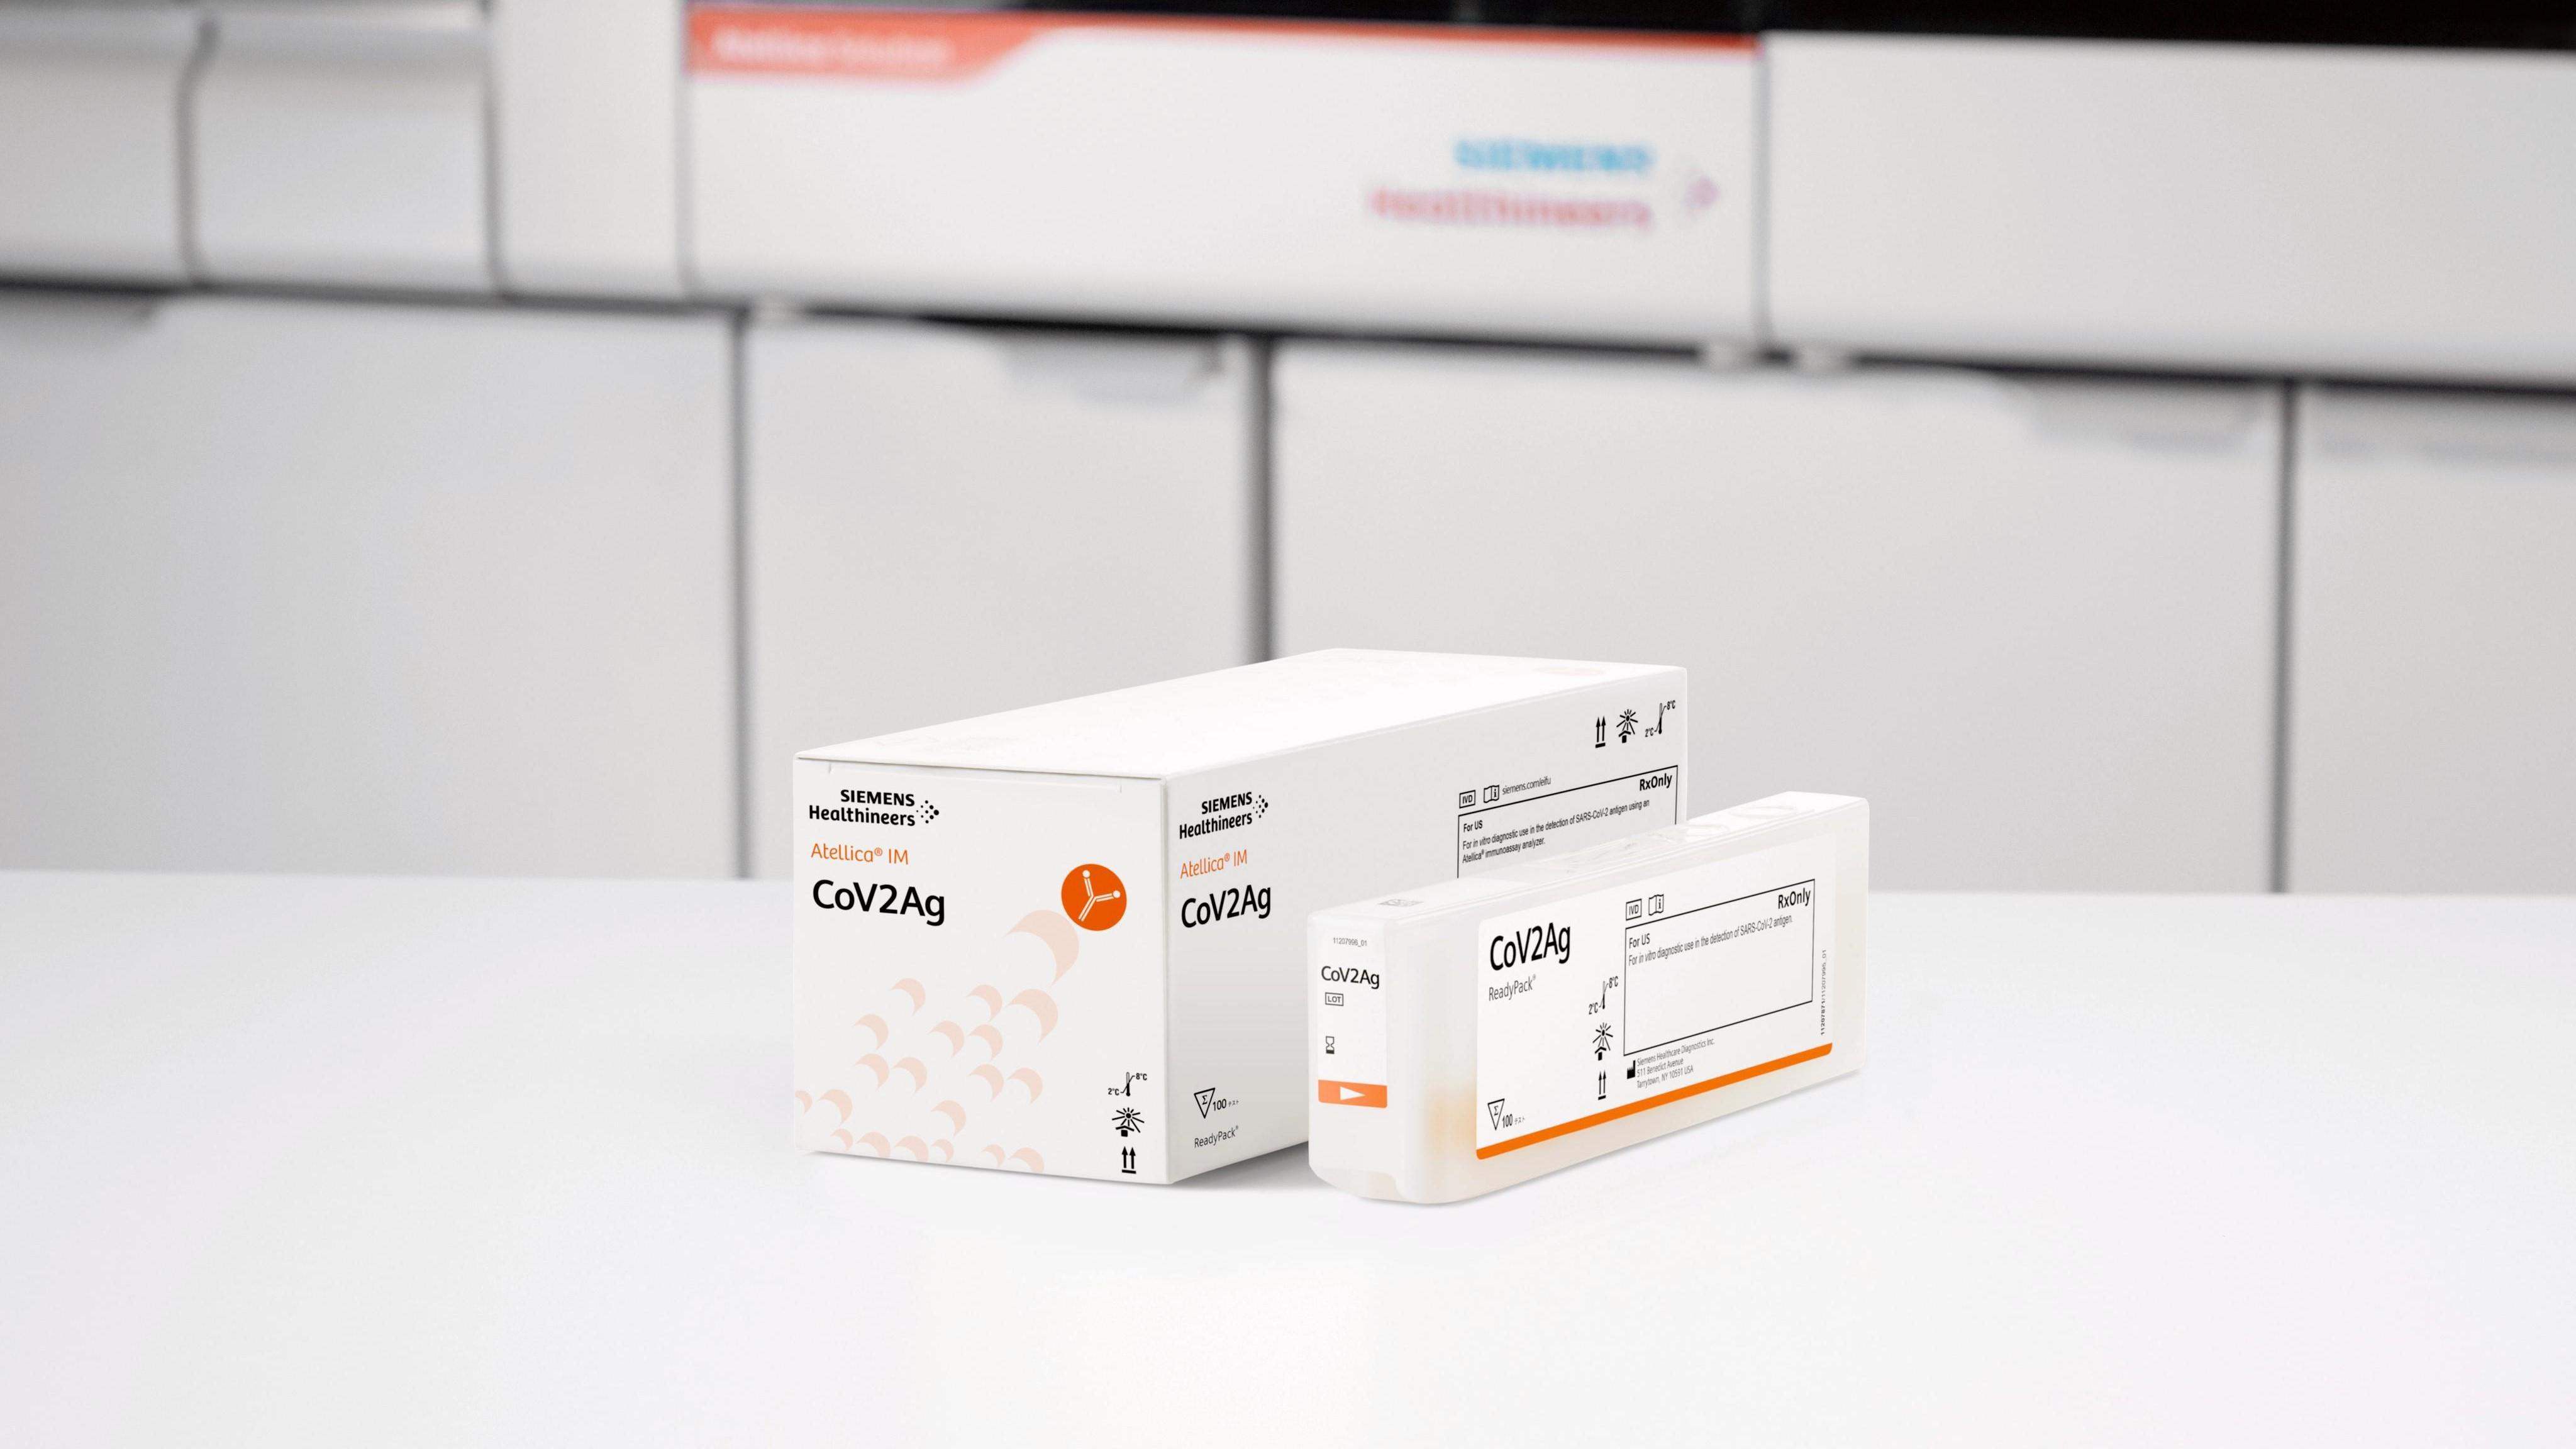 Verhoging testcapaciteit dankzij nieuwe labtest voor COVID-19 antigeendetectie